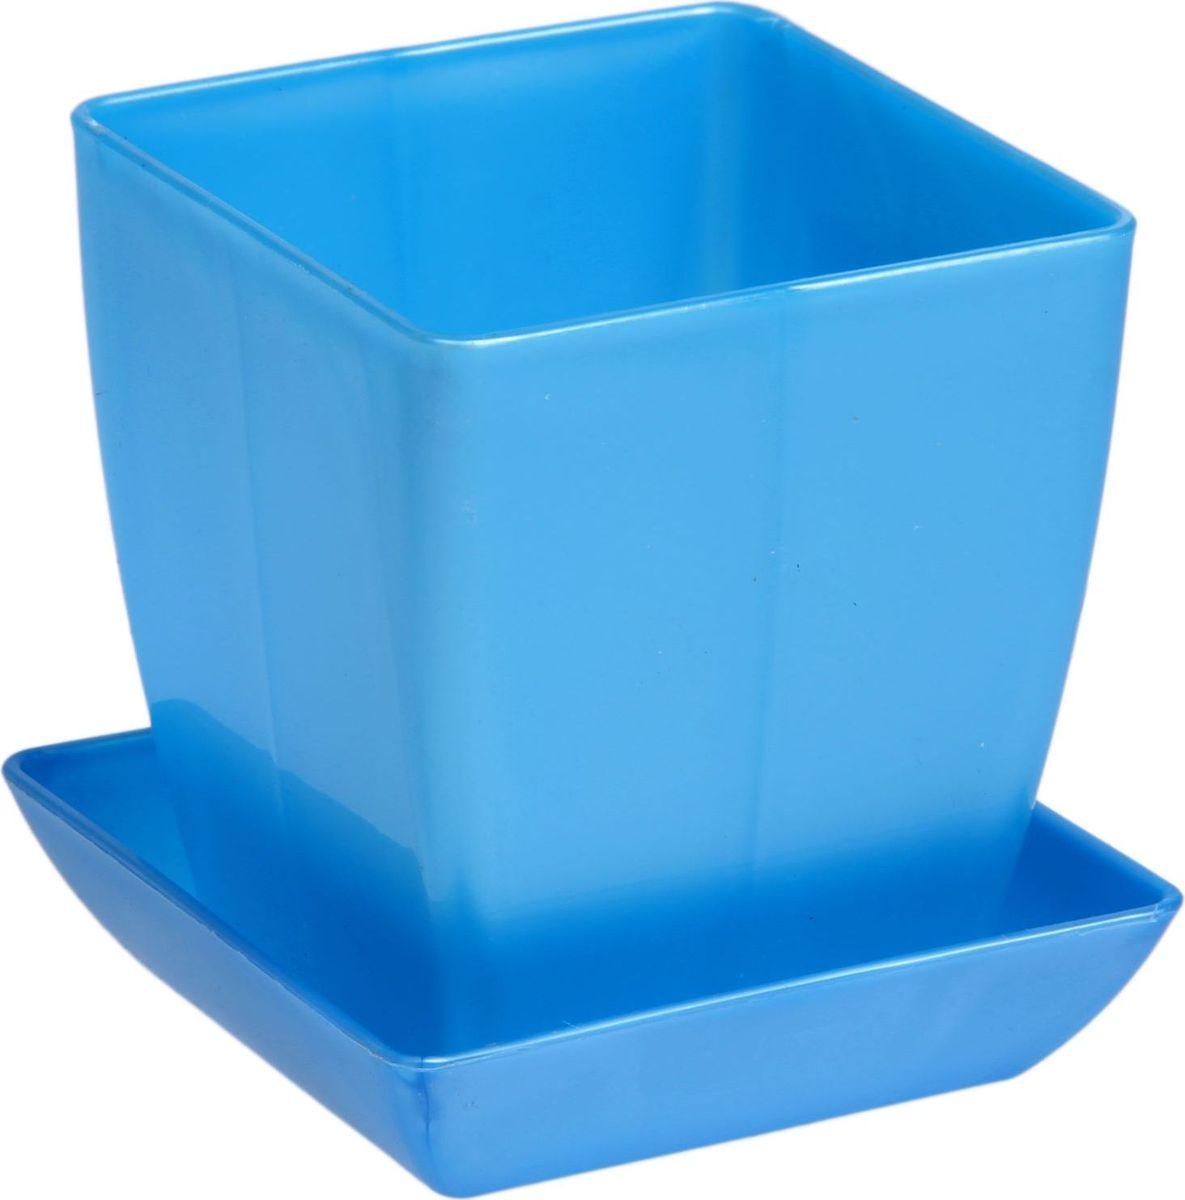 Горшок для цветов Квадрат, с поддоном, цвет: голубой, 3,5 л1459539Любой, даже самый современный и продуманный интерьер будет незавершённым без растений. Они не только очищают воздух и насыщают его кислородом, но и украшают окружающее пространство. Такому полезному члену семьи просто необходим красивый и функциональный дом! Мы предлагаем #name#! Оптимальный выбор материала — пластмасса! Почему мы так считаем?Малый вес. С лёгкостью переносите горшки и кашпо с места на место, ставьте их на столики или полки, не беспокоясь о нагрузке. Простота ухода. Кашпо не нуждается в специальных условиях хранения. Его легко чистить — достаточно просто сполоснуть тёплой водой. Никаких потёртостей. Такие кашпо не царапают и не загрязняют поверхности, на которых стоят. Пластик дольше хранит влагу, а значит, растение реже нуждается в поливе. Пластмасса не пропускает воздух — корневой системе растения не грозят резкие перепады температур. Огромный выбор форм, декора и расцветок — вы без труда найдёте что-то, что идеально впишется в уже существующий интерьер. Соблюдая нехитрые правила ухода, вы можете заметно продлить срок службы горшков и кашпо из пластика:всегда учитывайте размер кроны и корневой системы (при разрастании большое растение способно повредить маленький горшок)берегите изделие от воздействия прямых солнечных лучей, чтобы горшки не выцветалидержите кашпо из пластика подальше от нагревающихся поверхностей. Создавайте прекрасные цветочные композиции, выращивайте рассаду или необычные растения.